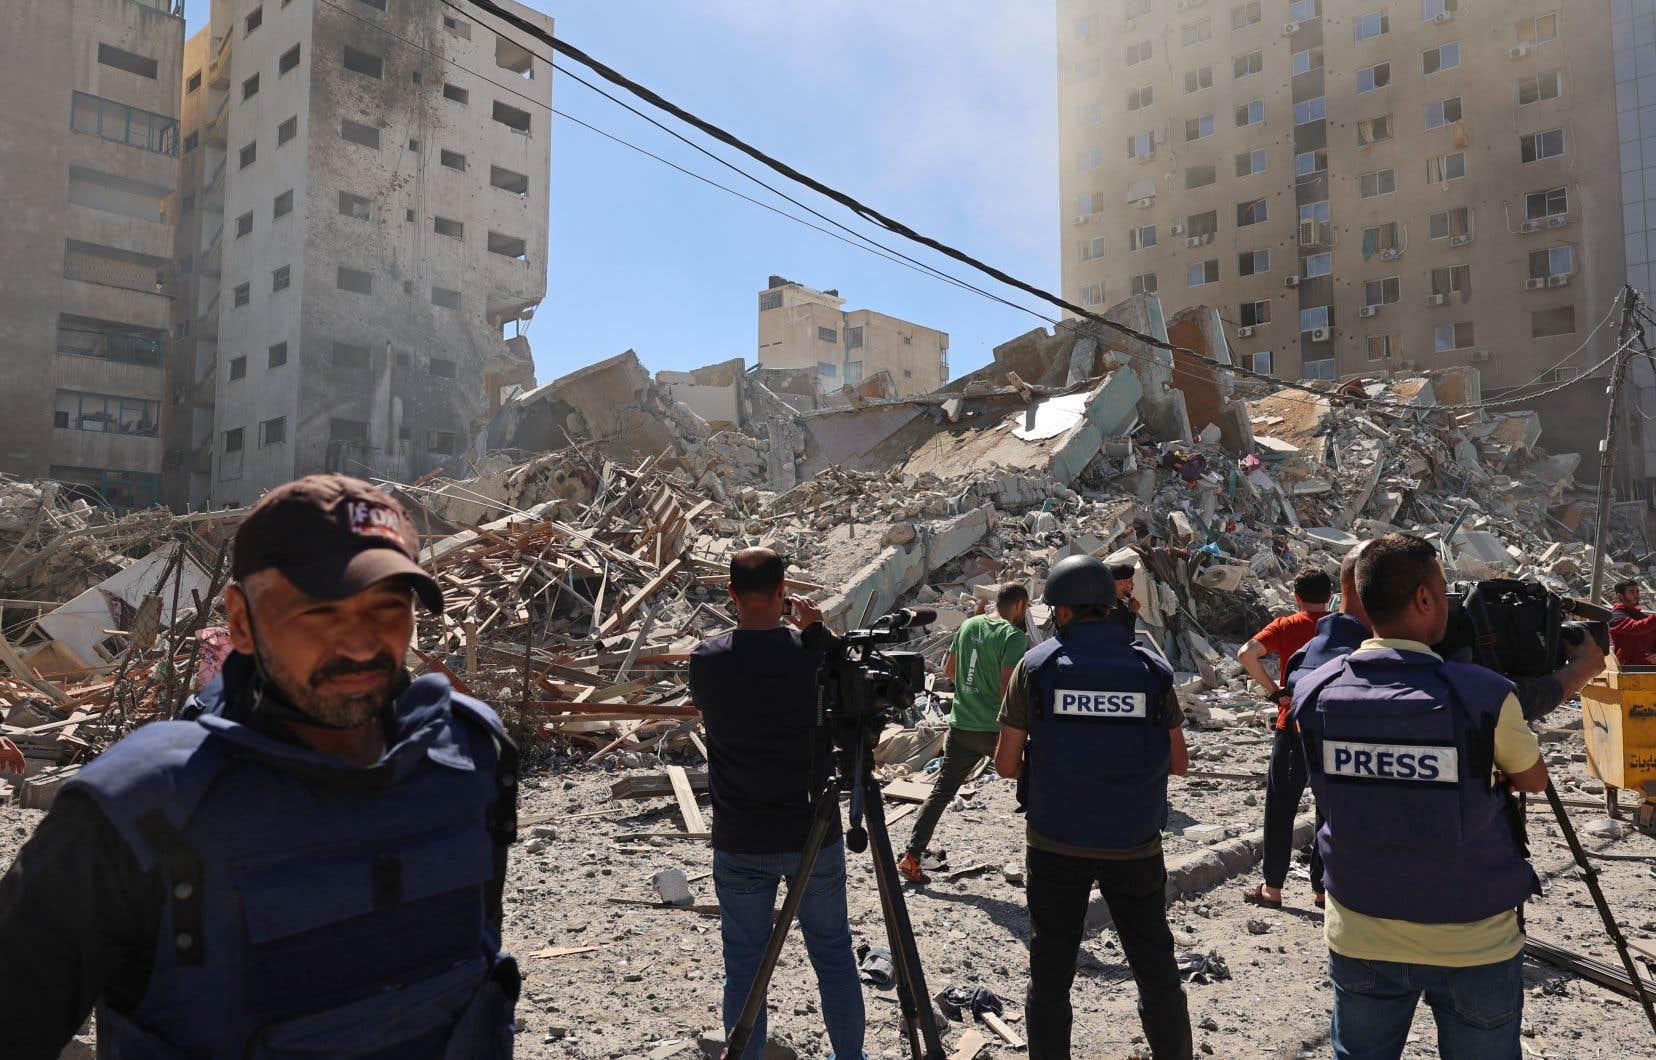 Samedi, peu après l'appel les sommant d'évacuer, des journalistes de Gaza se massent à l'extérieur de la tour Jala afin de filmer la scène, à distance pour se protéger. Et puis boum! L'immeuble n'est plus. Et ce n'est pas le premier.